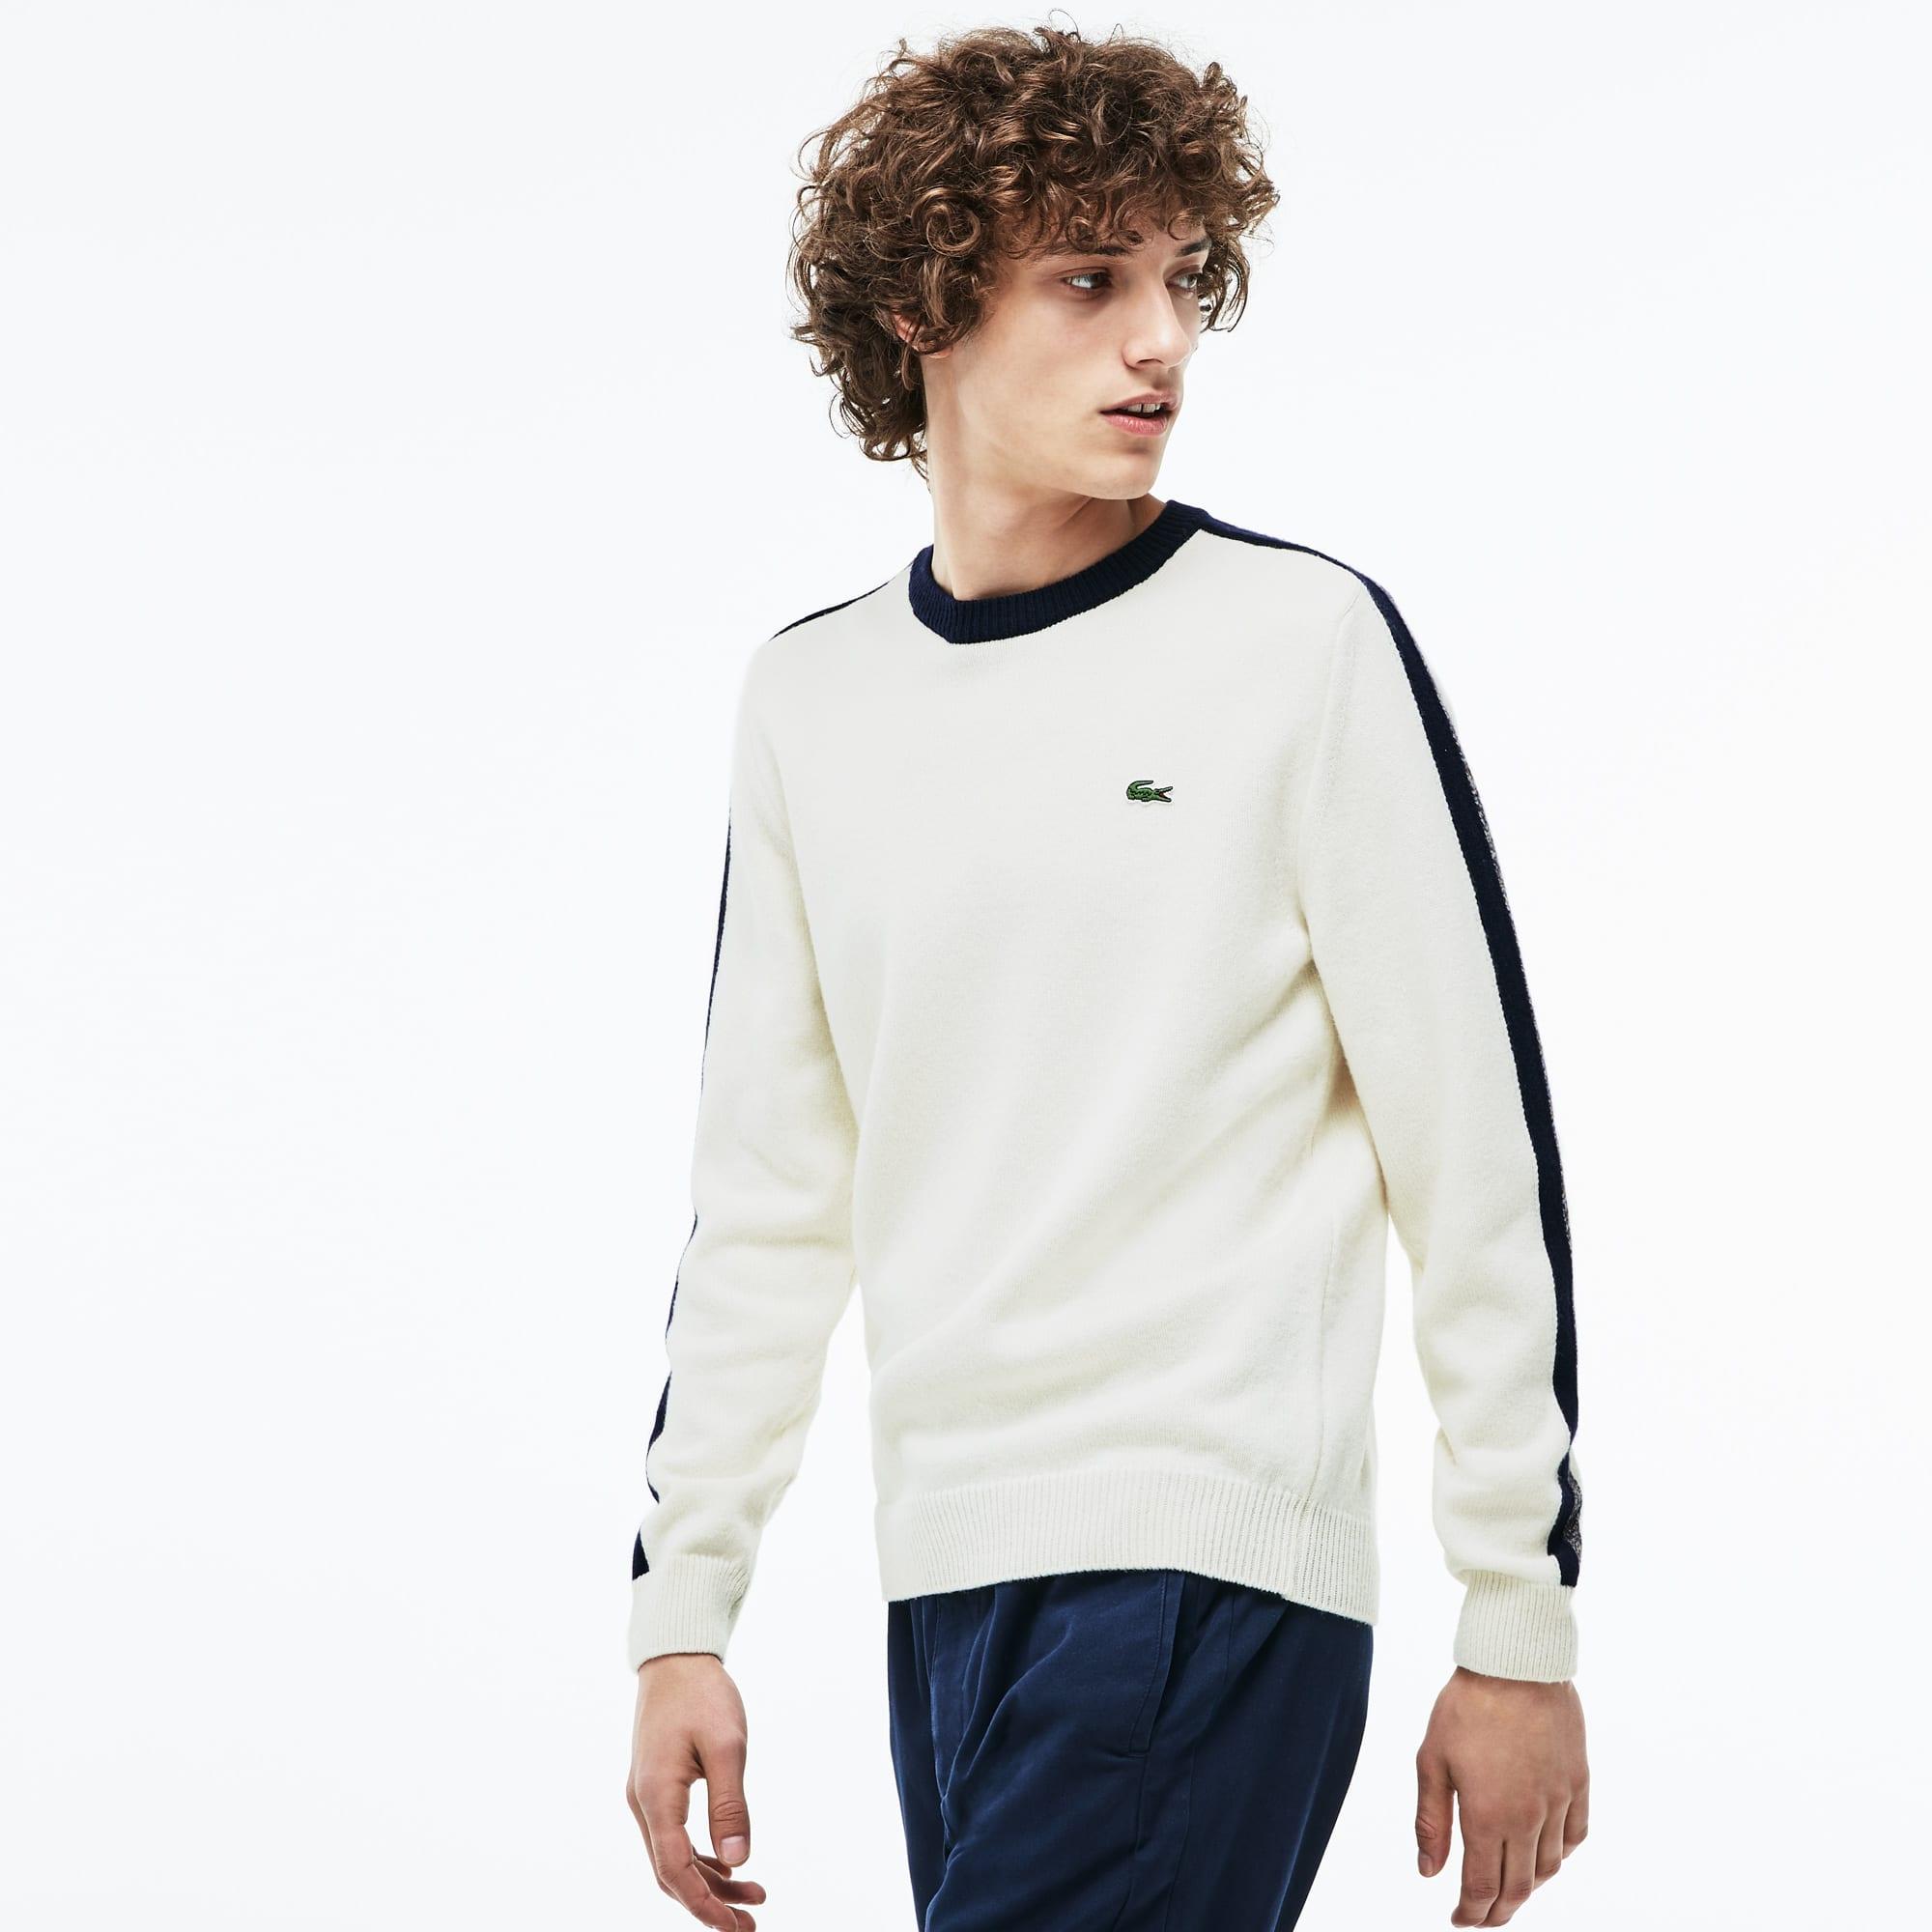 Lacoste Vêtements HommeMode Vêtements Vêtements Lacoste HommeMode gfyb76